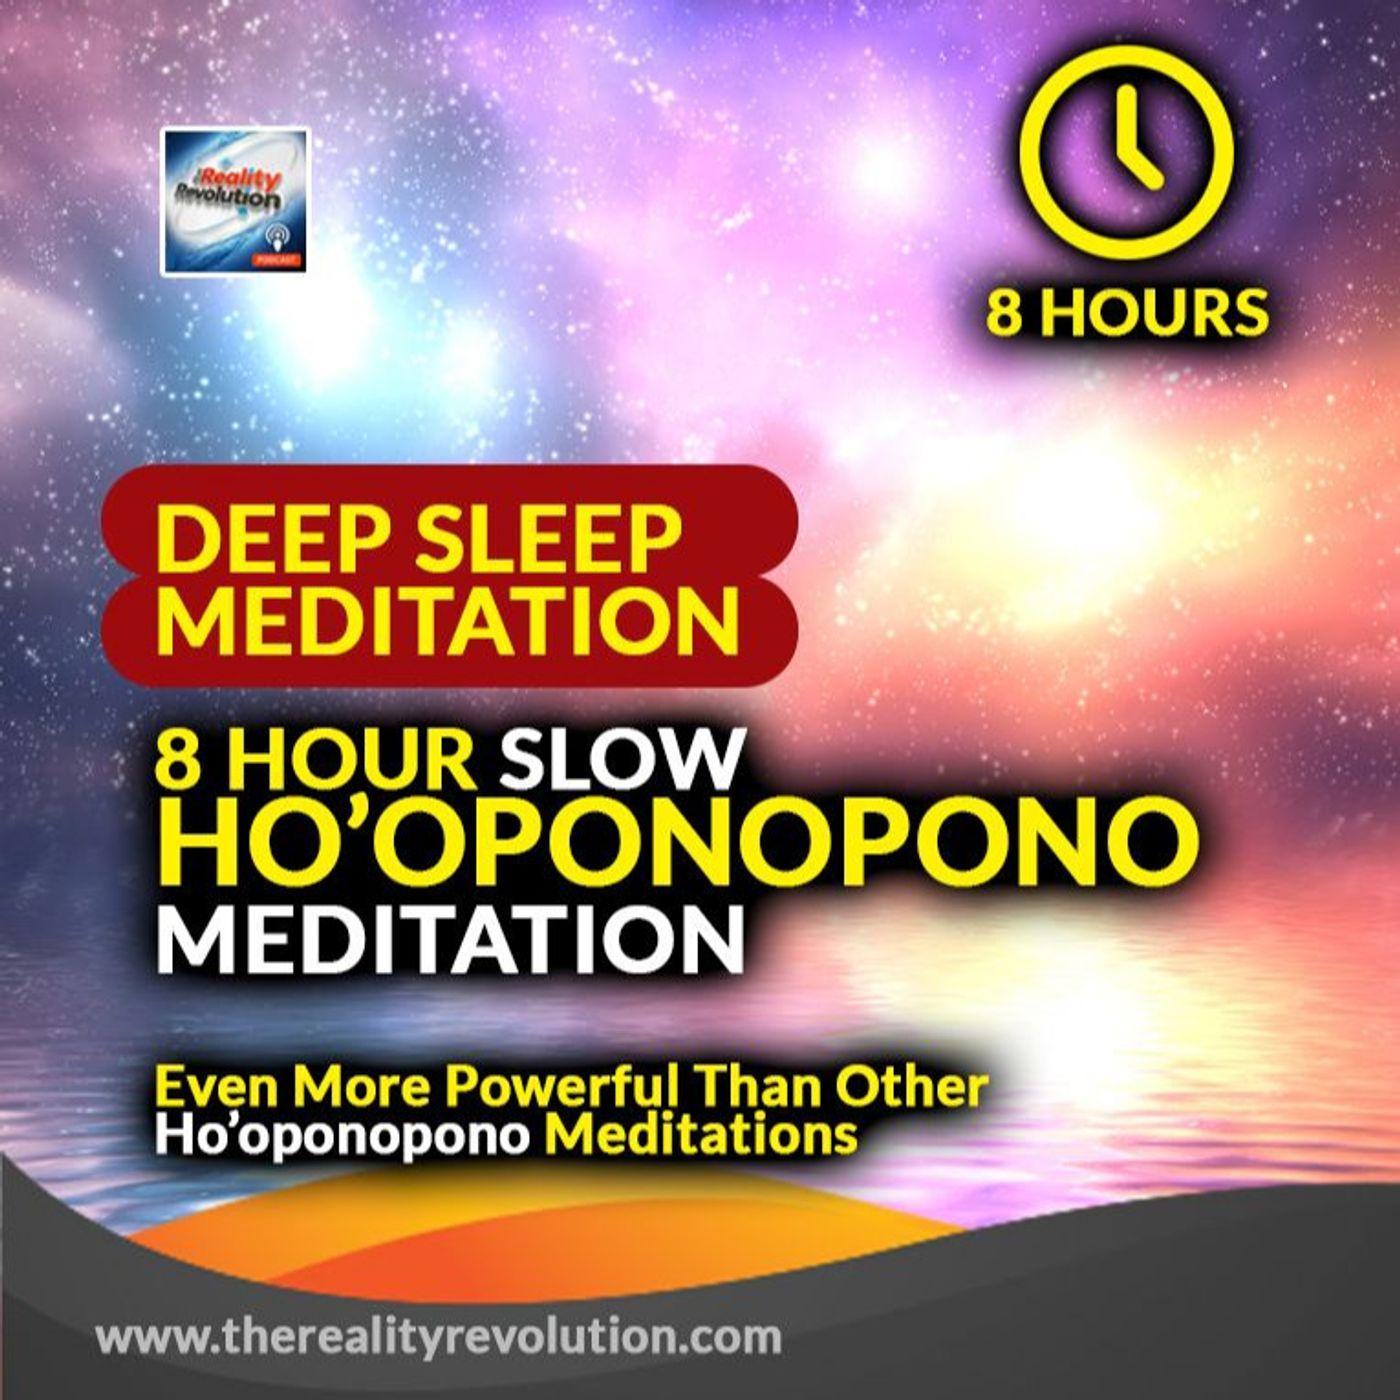 8 hour Deep Sleep slow Ho'oponopono Meditation